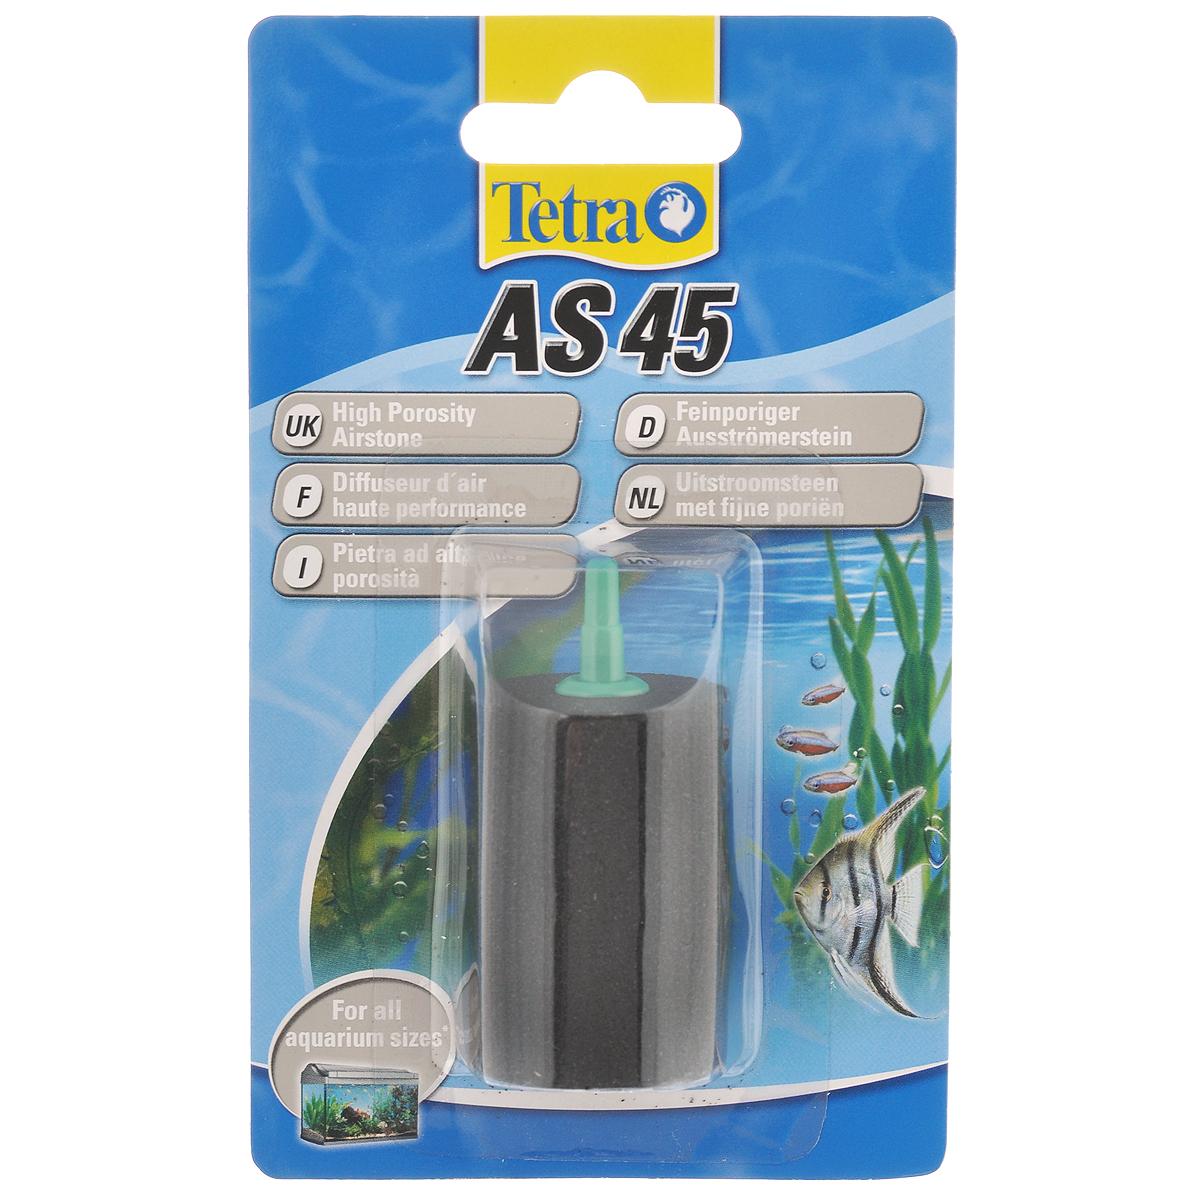 Воздушный распылитель Tetra AS 45603578Воздушный распылитель Tetra AS 45 - это мелкопористый распылитель для оптимального обеспечения аквариума кислородом. Сочетается с воздушным компрессором Tetra APS.Равномерное распределение кислорода в воде в виде мелких пузырьков;позволяет обеспечить полное использование возможностей компрессора;высокое качество изготовления обеспечивает долгую эксплуатацию;идеально подходит к воздушному компрессору Tetra APS.